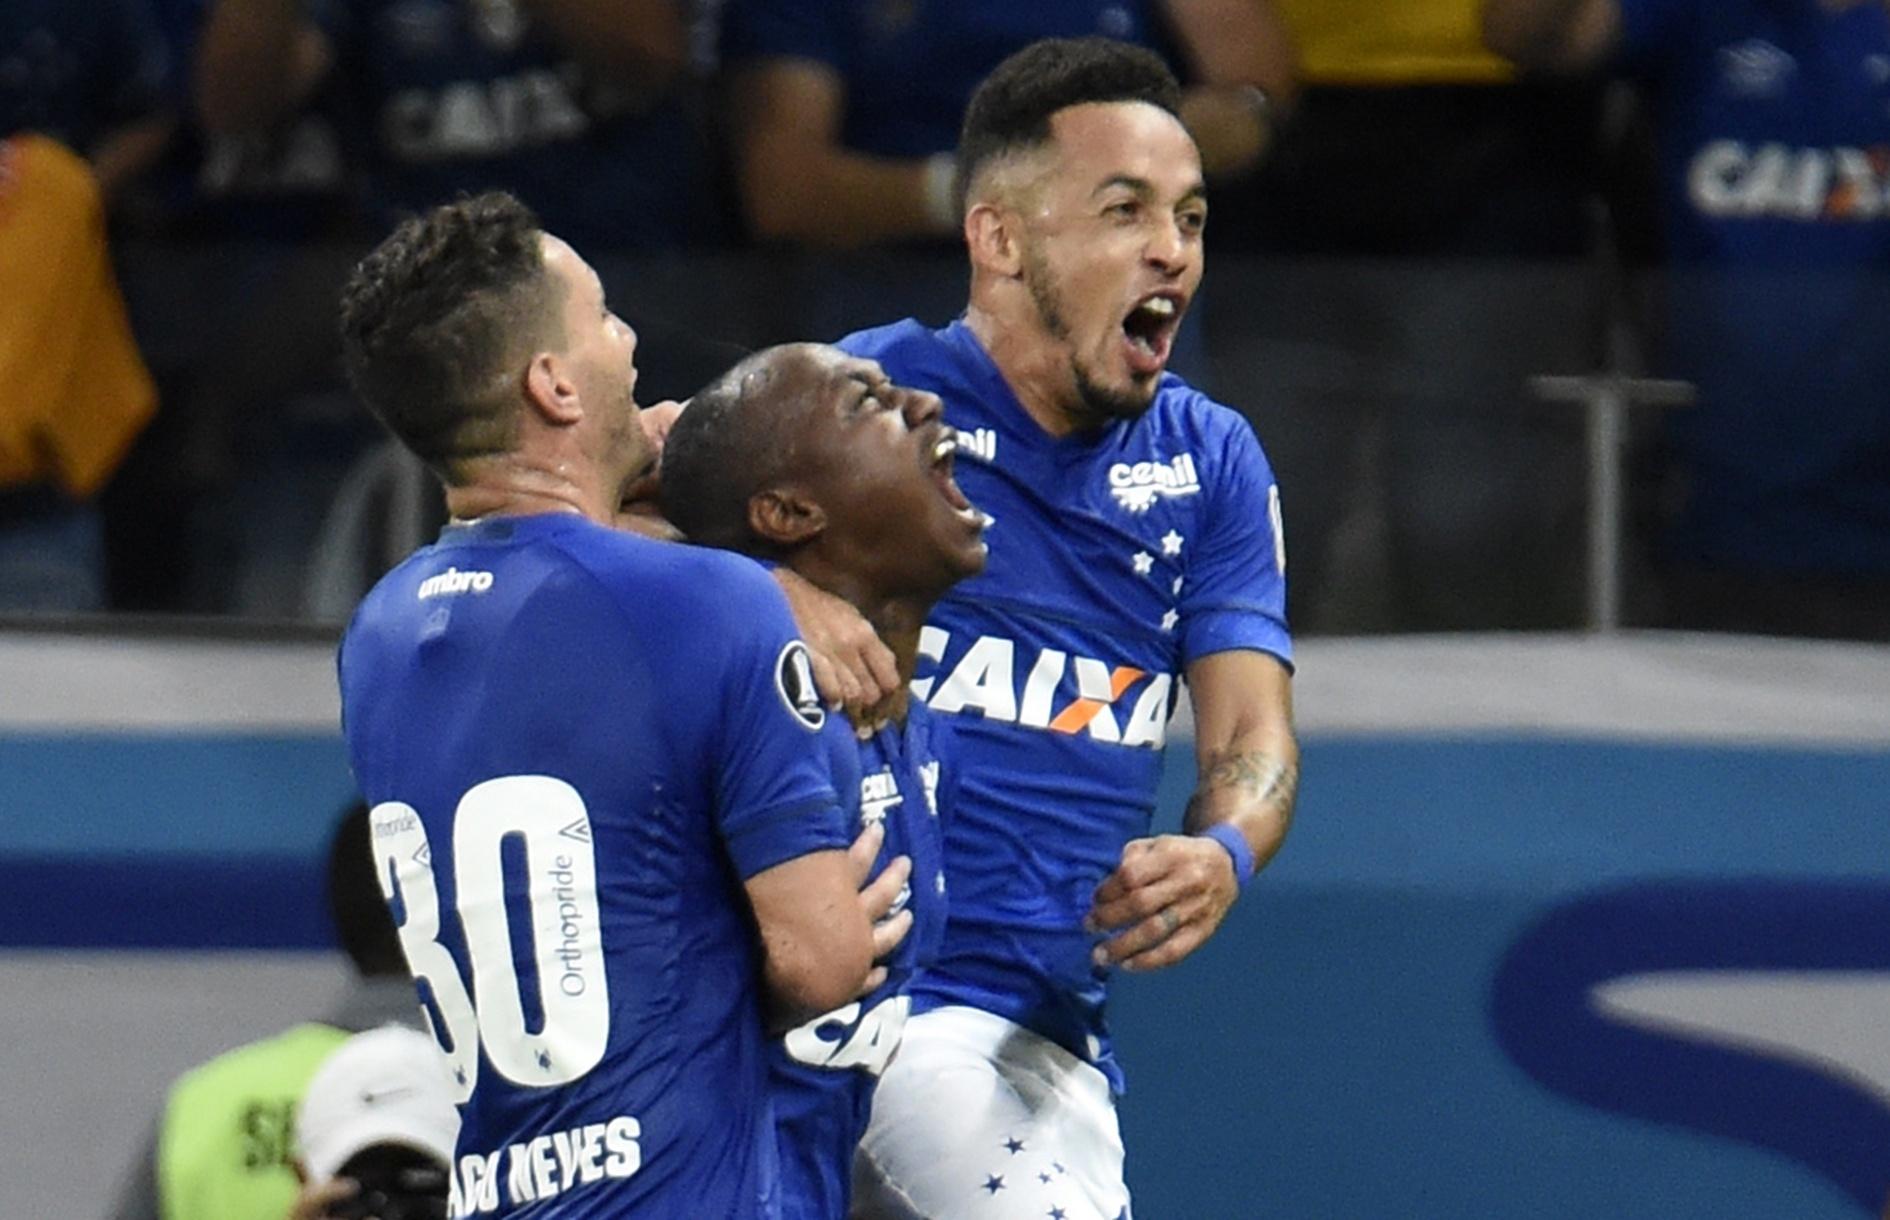 Cruzeiro faz 7 no Mineirão e vence 1ª na Libertadores - Esporte - BOL 9ab67d62c799d